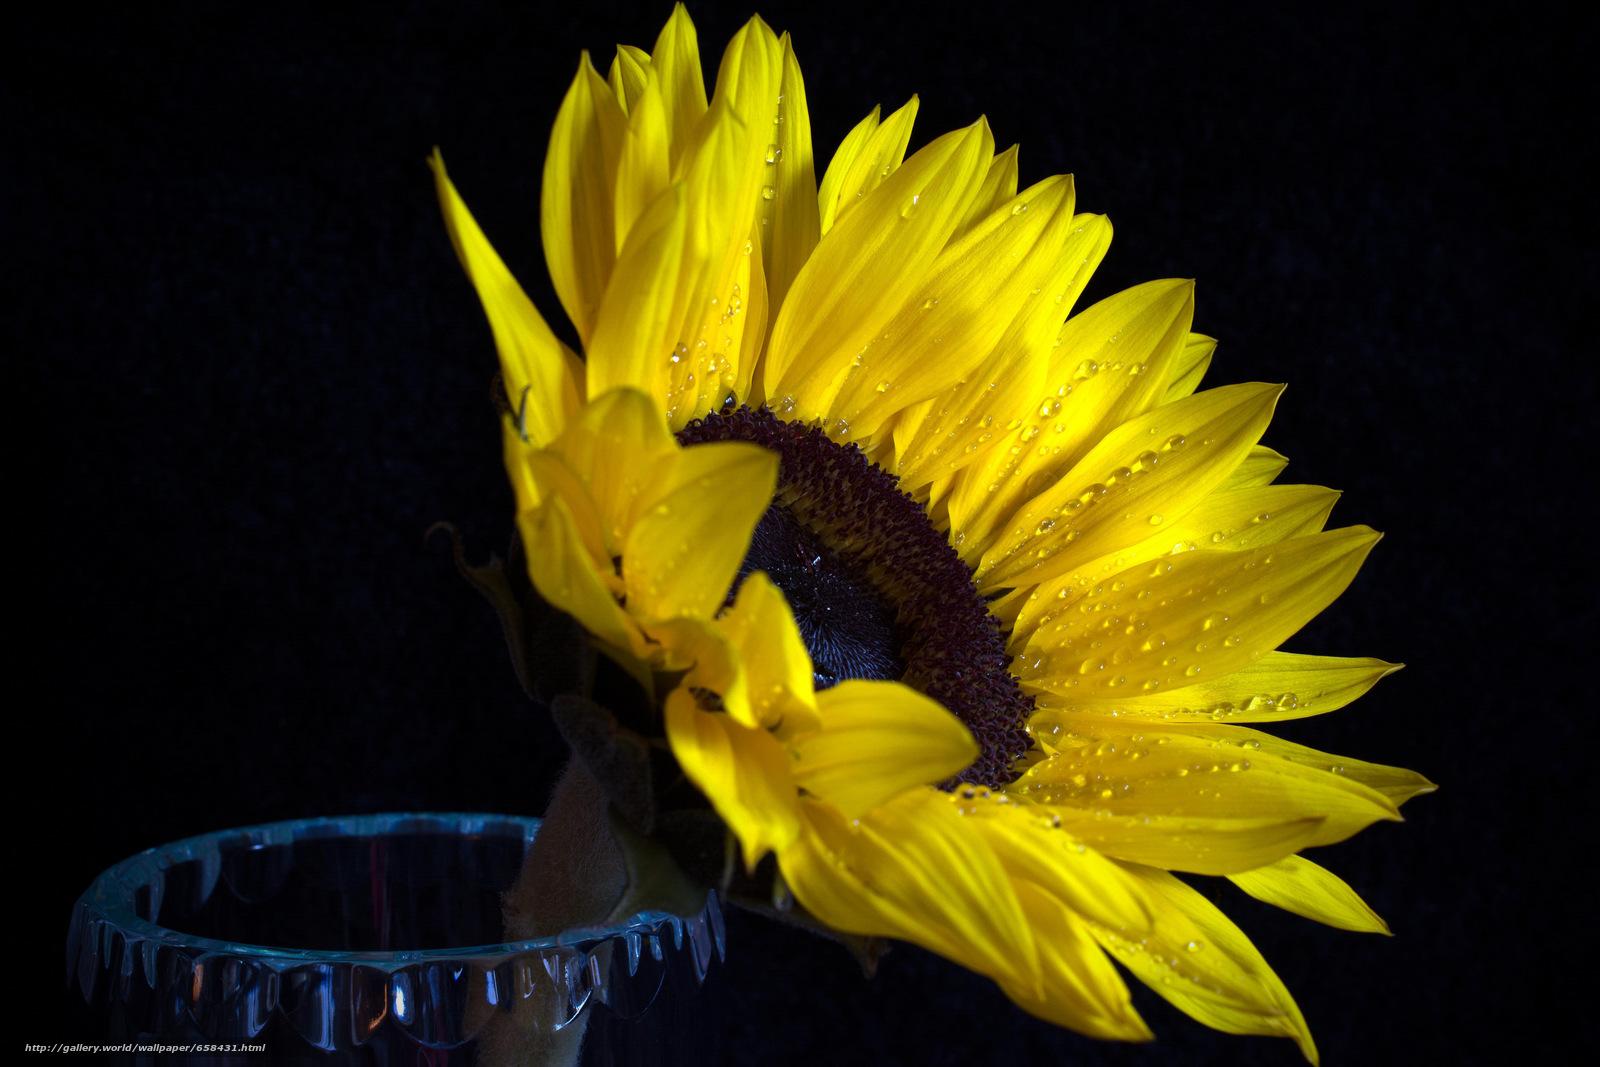 pobra tapety kwiat,  Kwiaty,  flora Darmowe tapety na pulpit rozdzielczoci 6000x4000 — zdjcie №658431